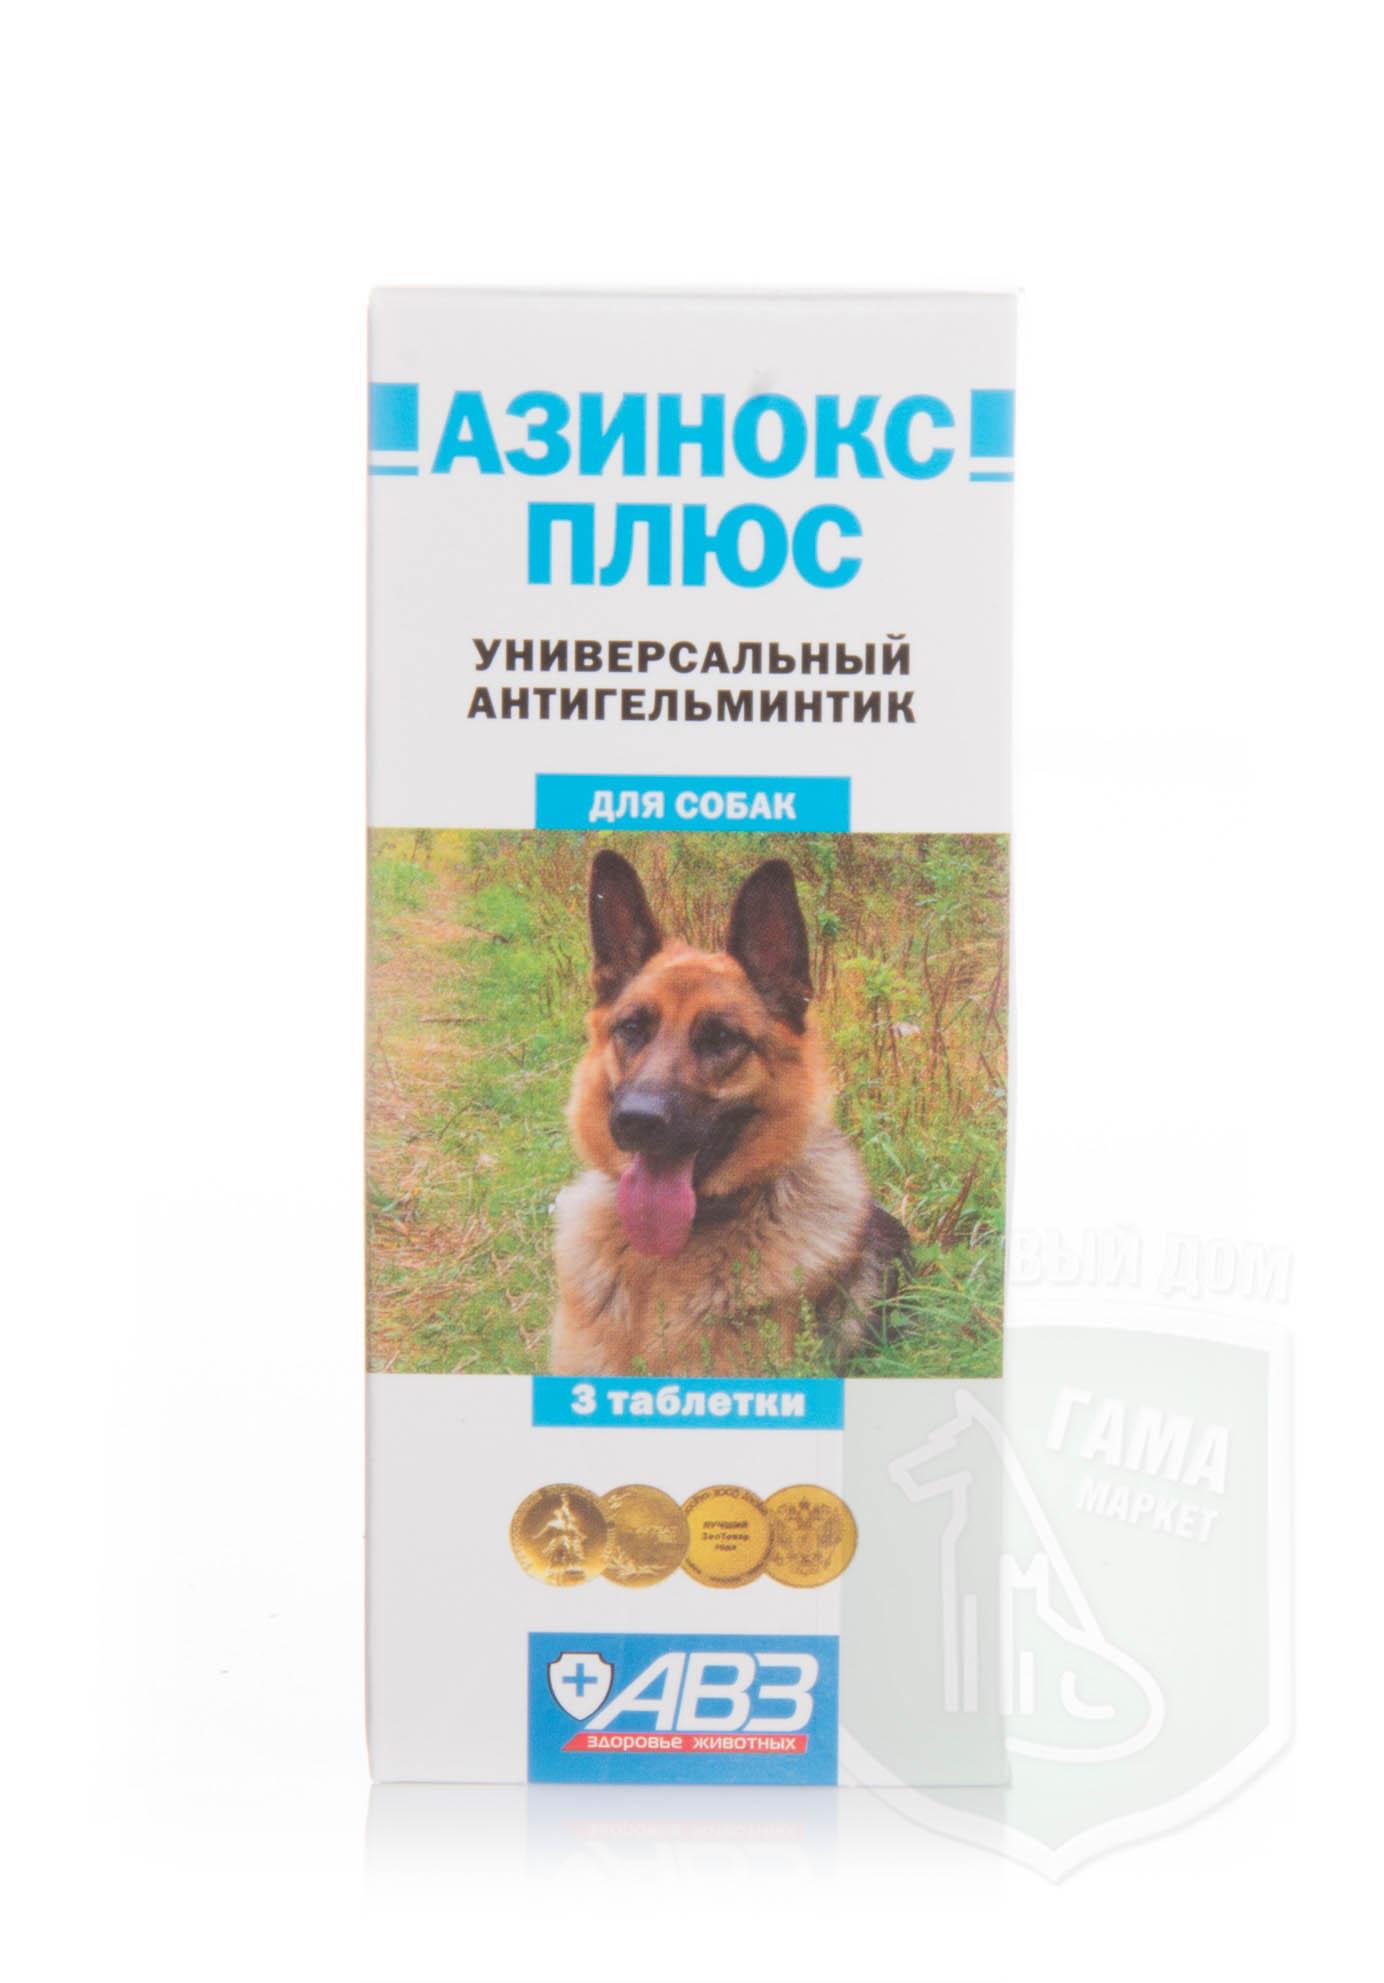 Азинокс плюс вет препараты, витамины форумы на лабрадор. Ру.